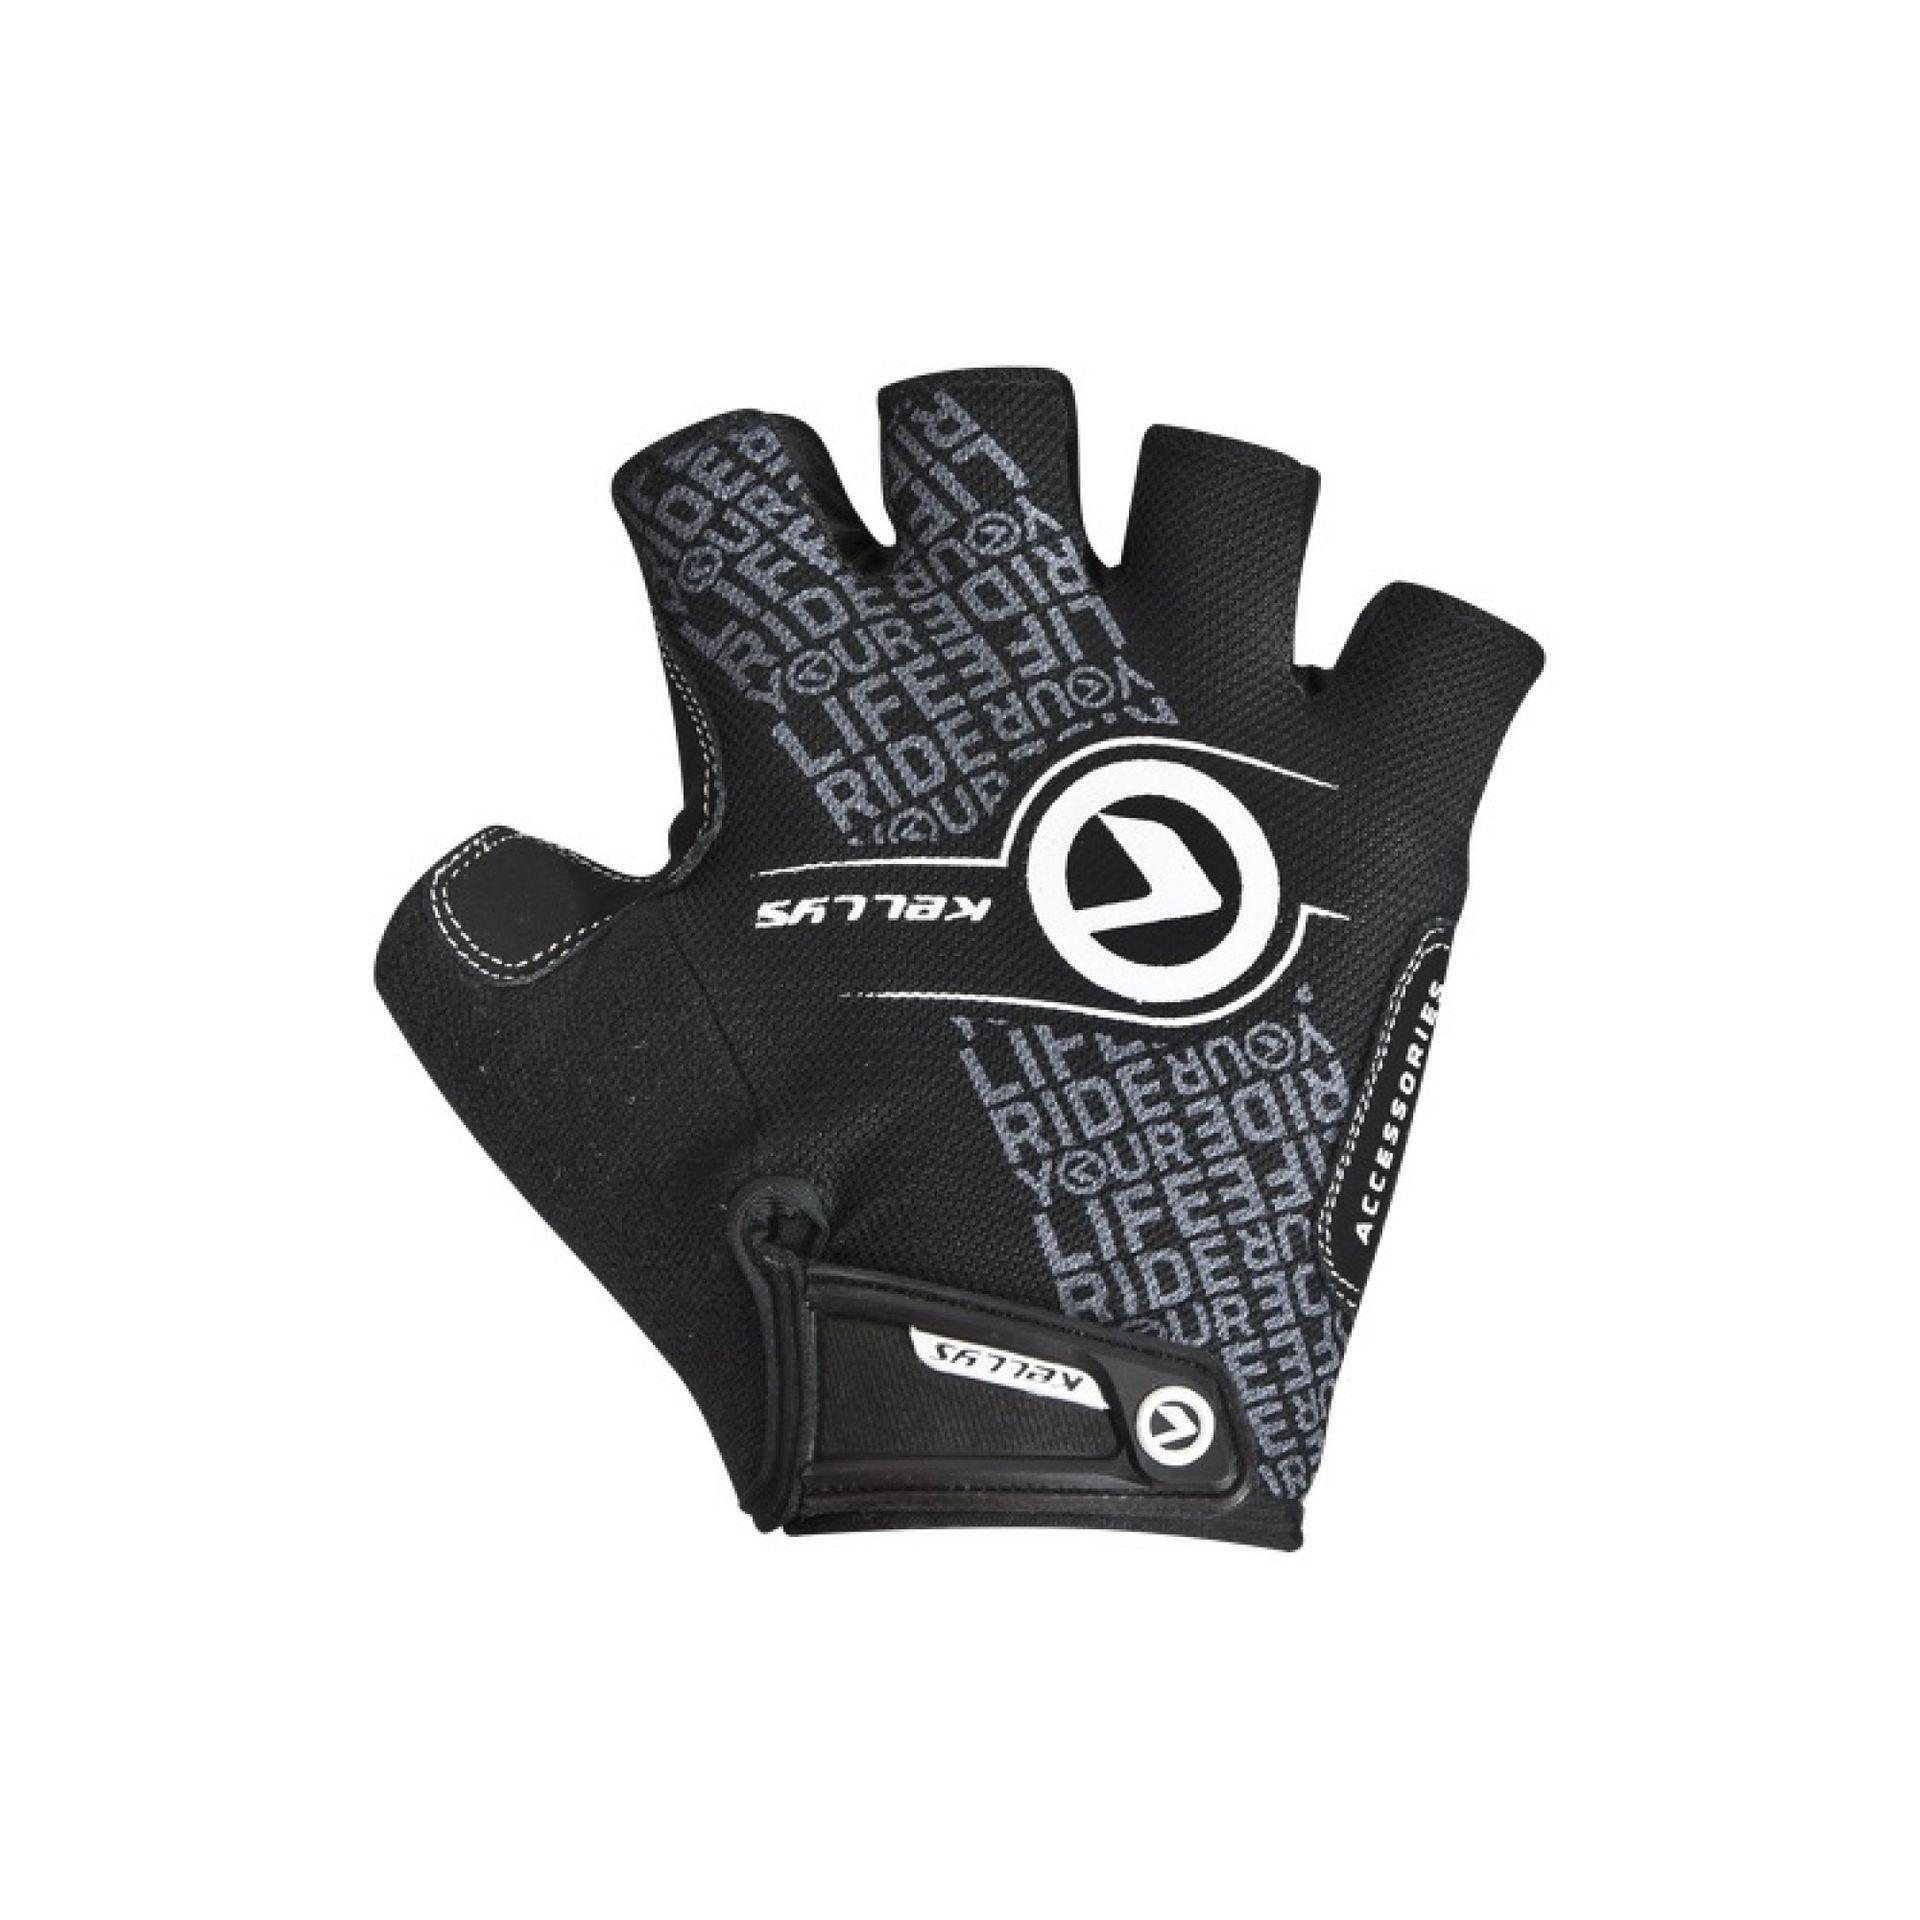 Rękawiczki rowerowe Kellys Comfort New czarny|biały